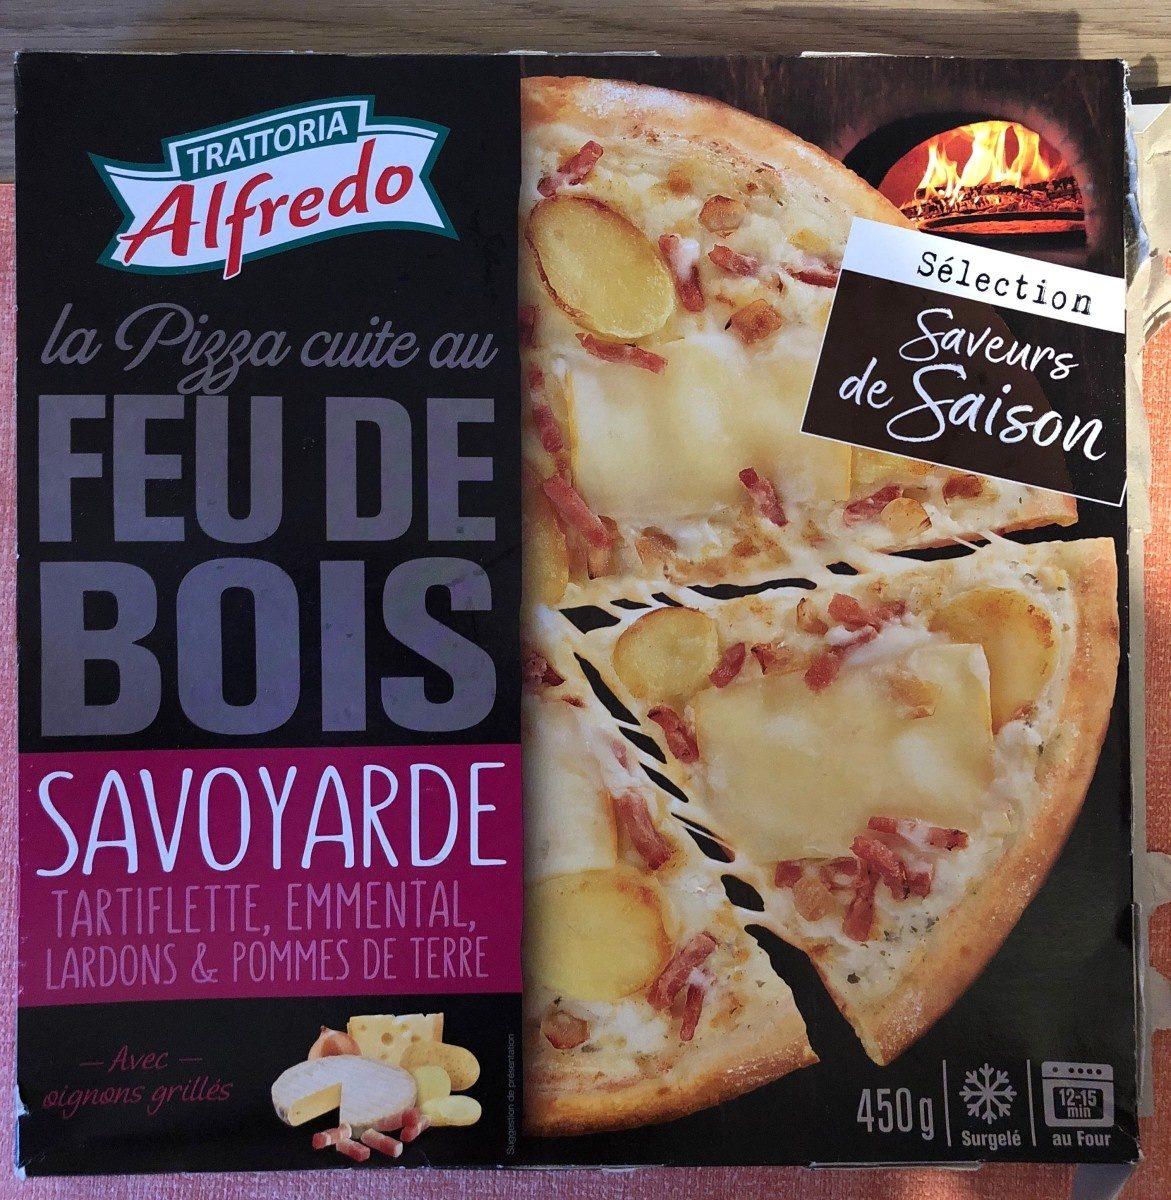 Pizza savoyarde au feu de bois - Product - fr